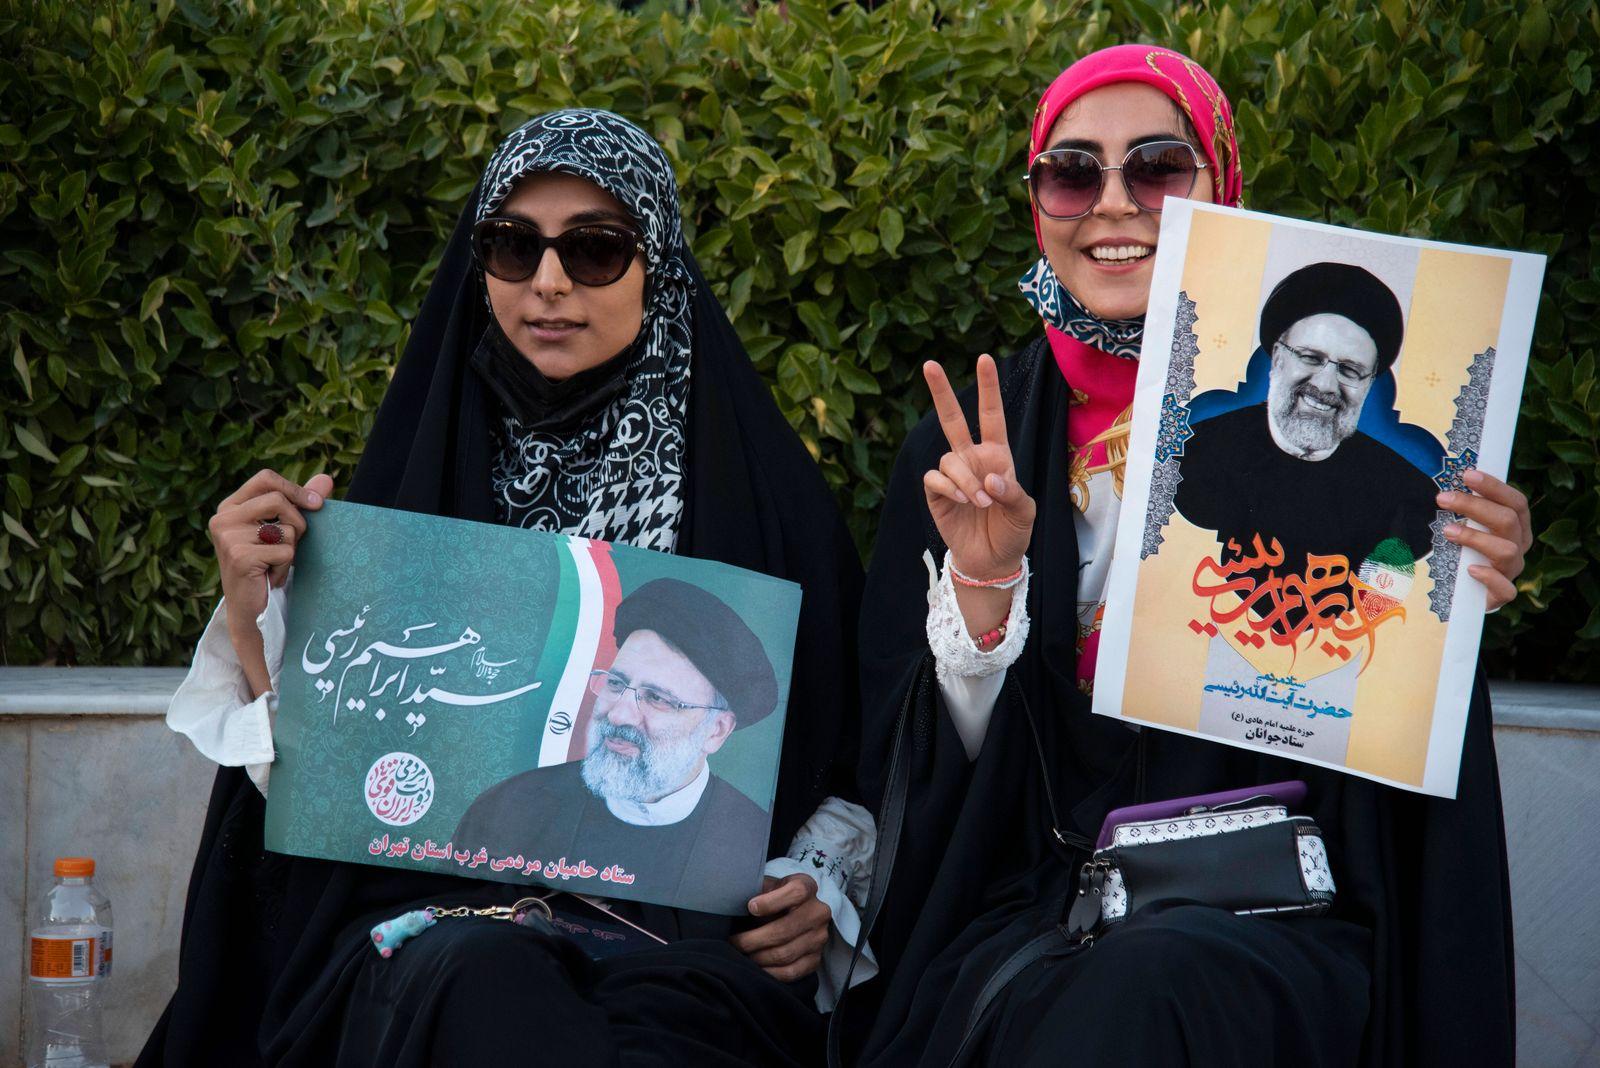 Präsidentschaftswahl im Iran, Wahlkampf für Kandidat Ebrahim Raisi in Teheran Iran: Elections Campaign in Tehran Suppor